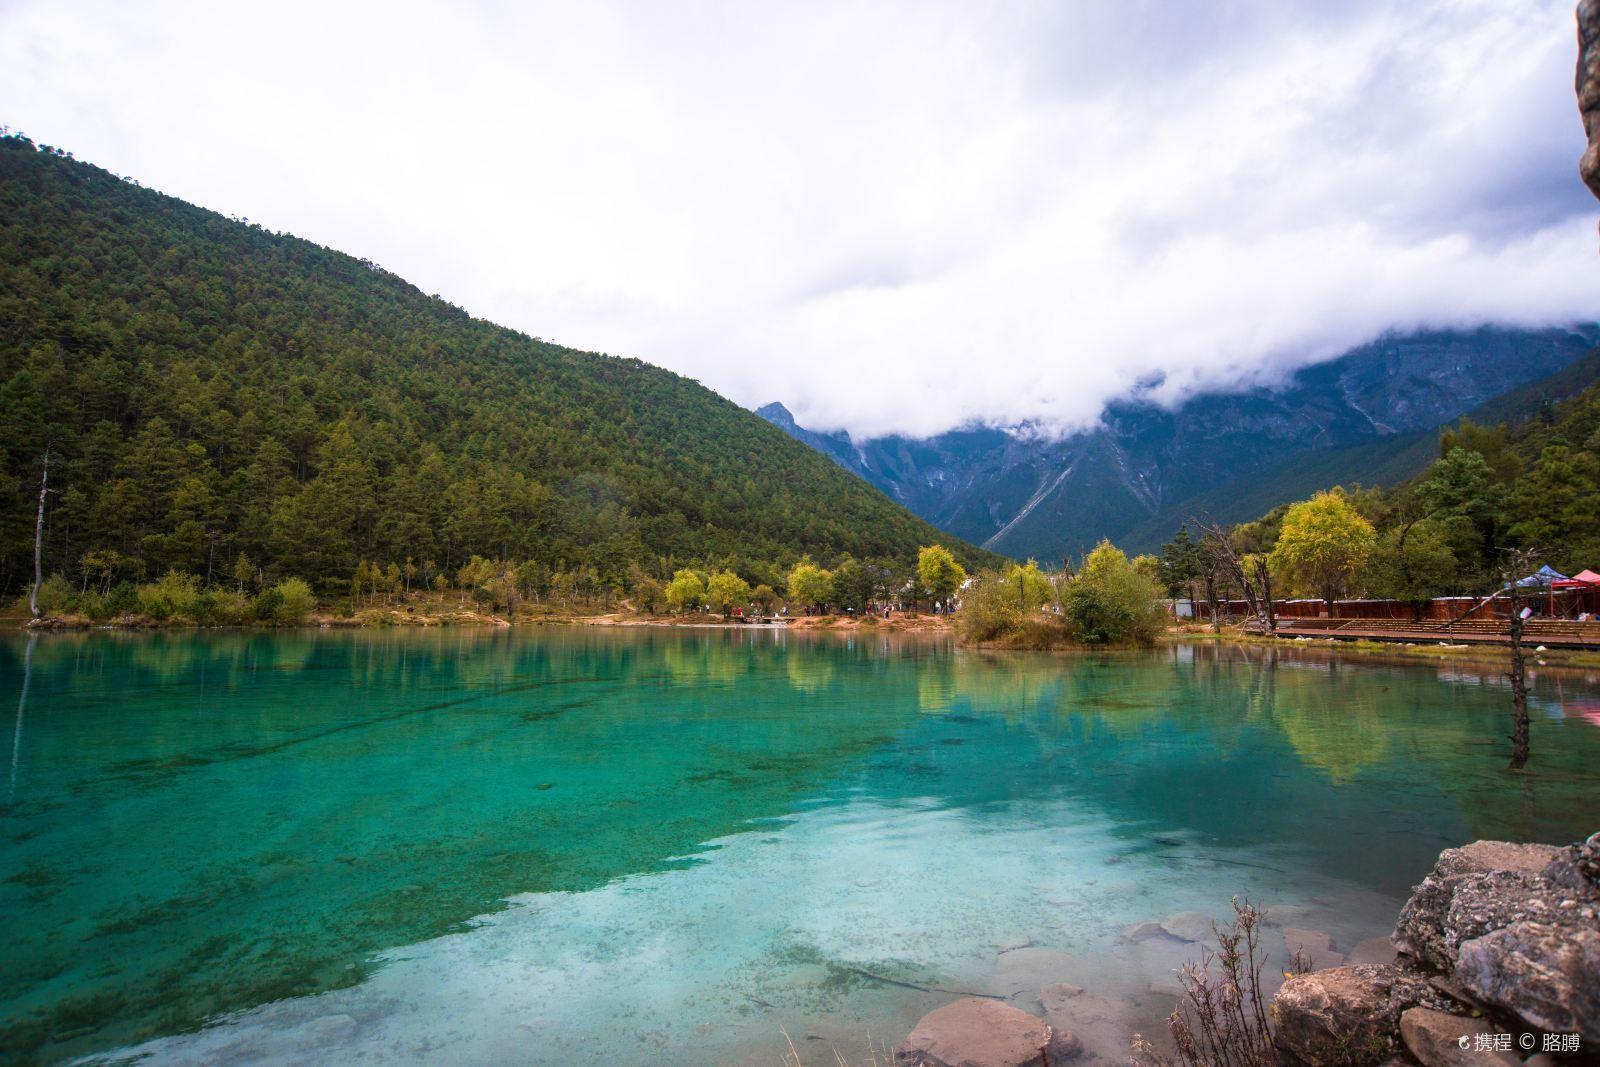 云南旅游的必游景点。自驾游五一云南旅游指南